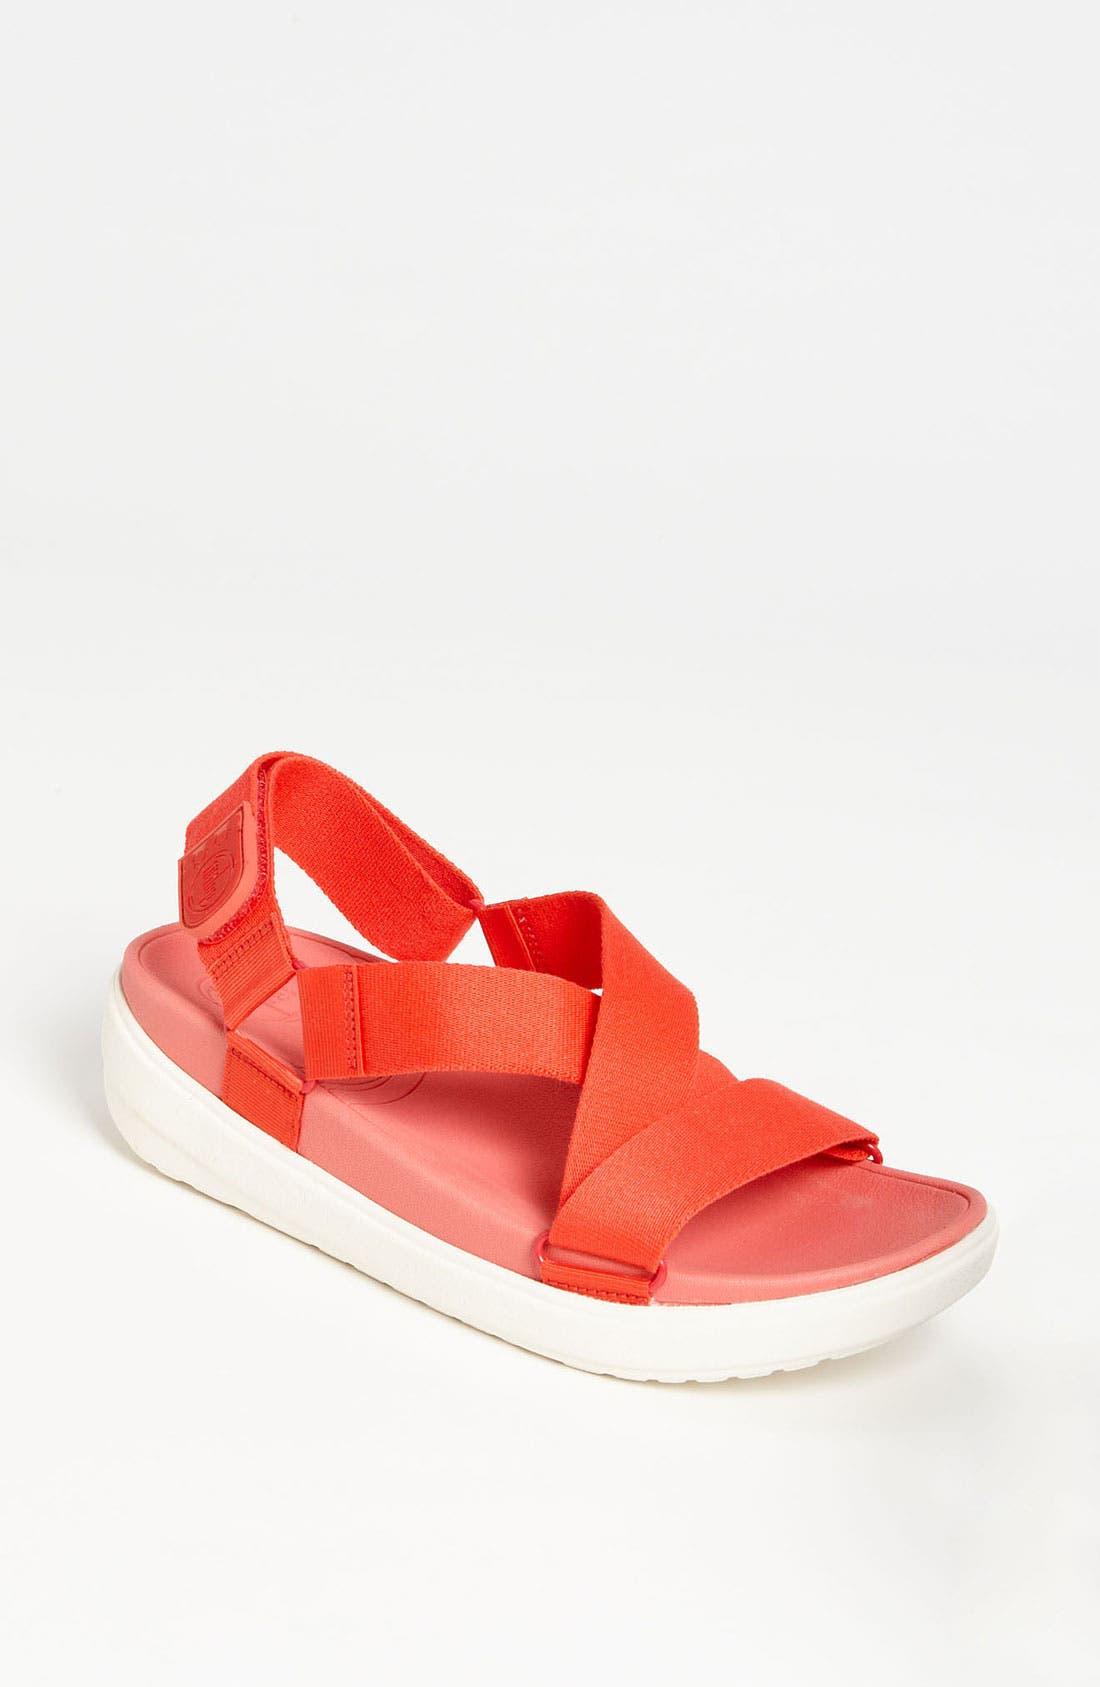 Alternate Image 1 Selected - FitFlop 'Sling' Sandal